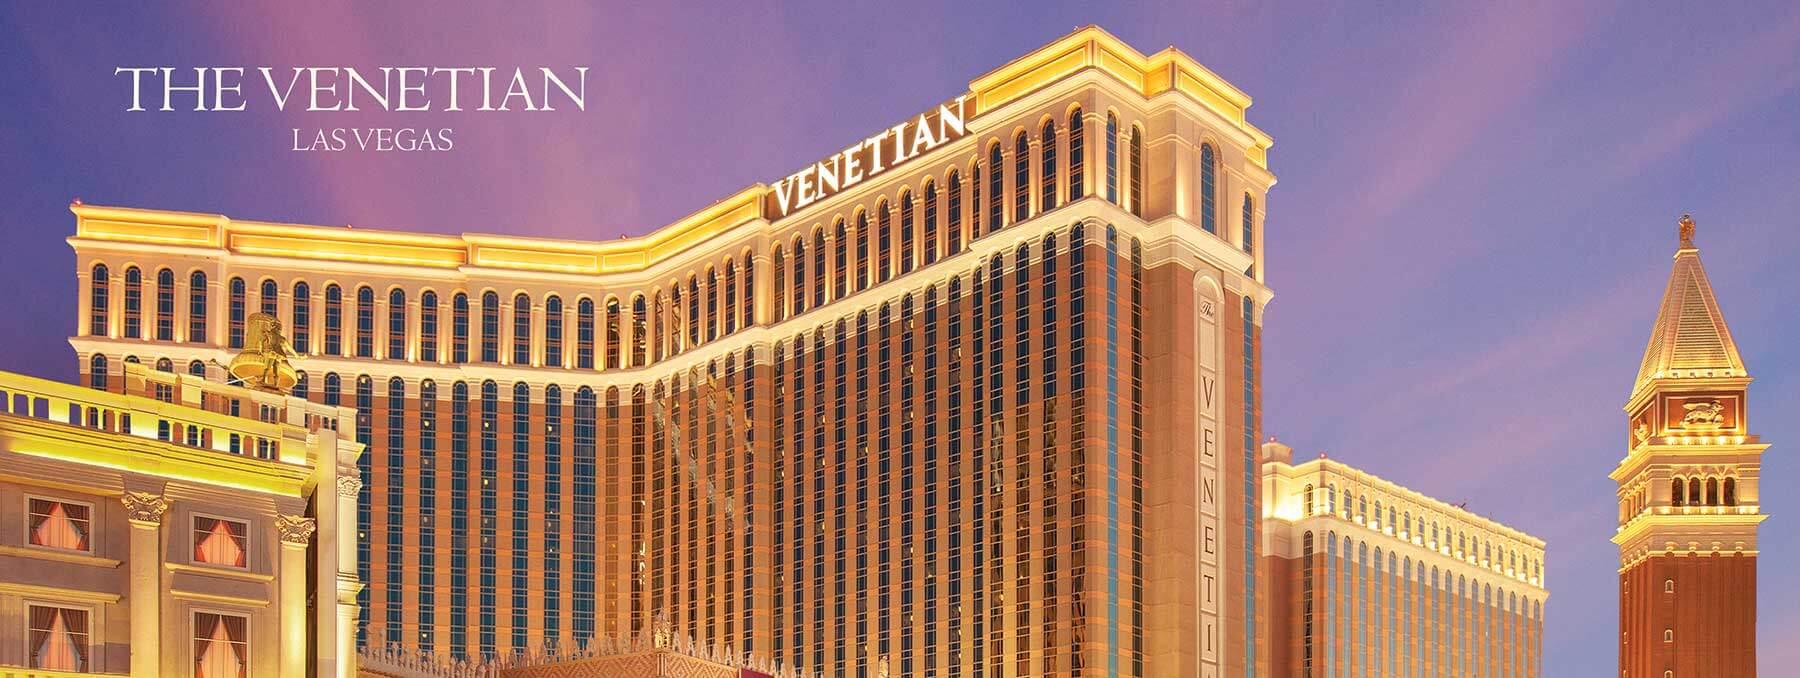 The Venetian CS Las Vegas